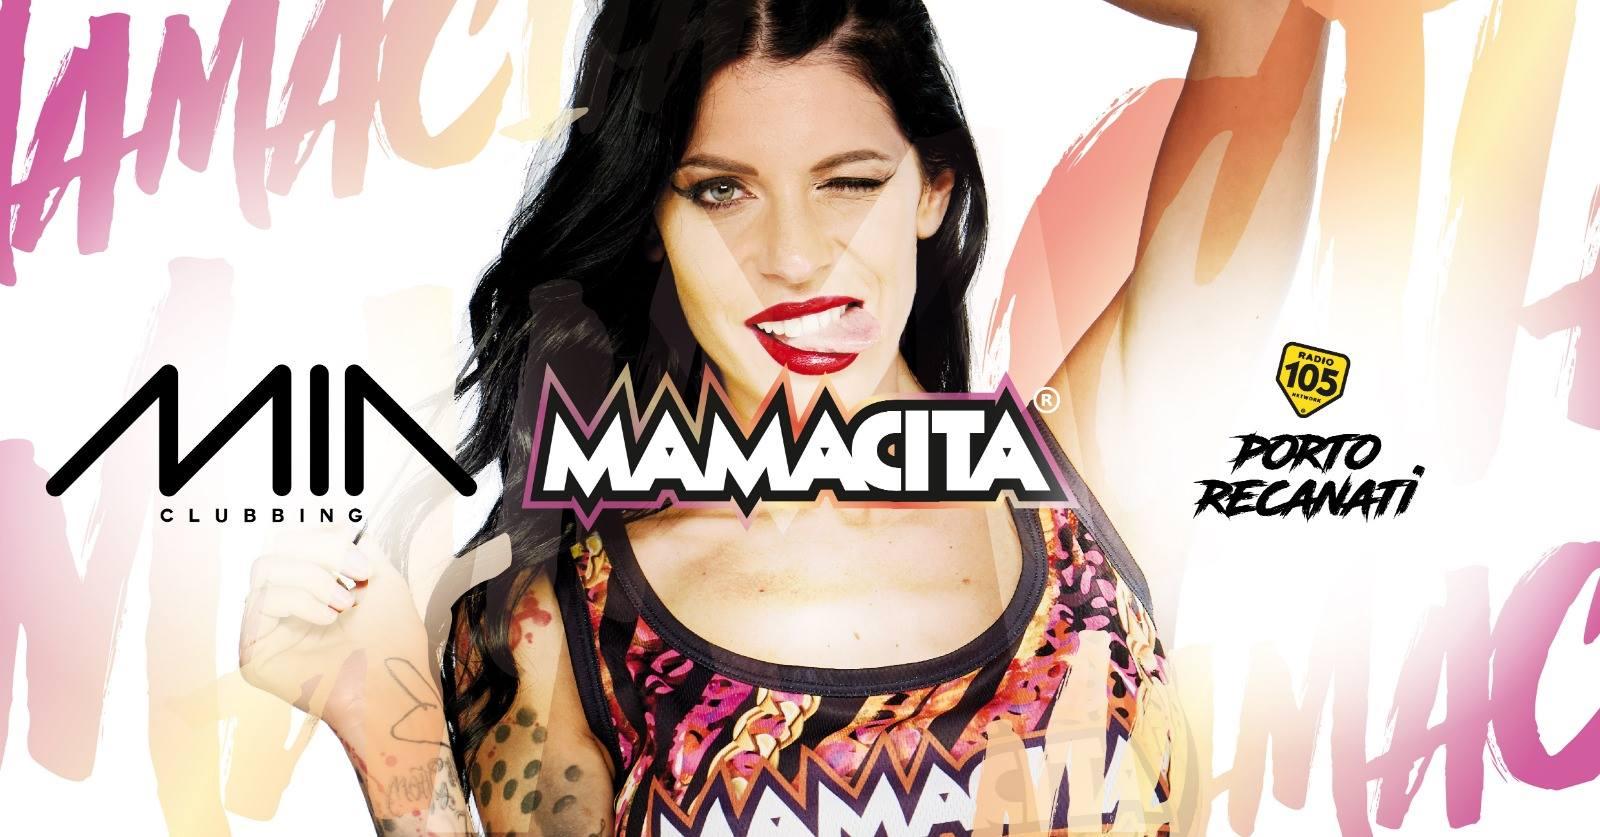 Mia Clubbing Porto Recanati party Mamacita